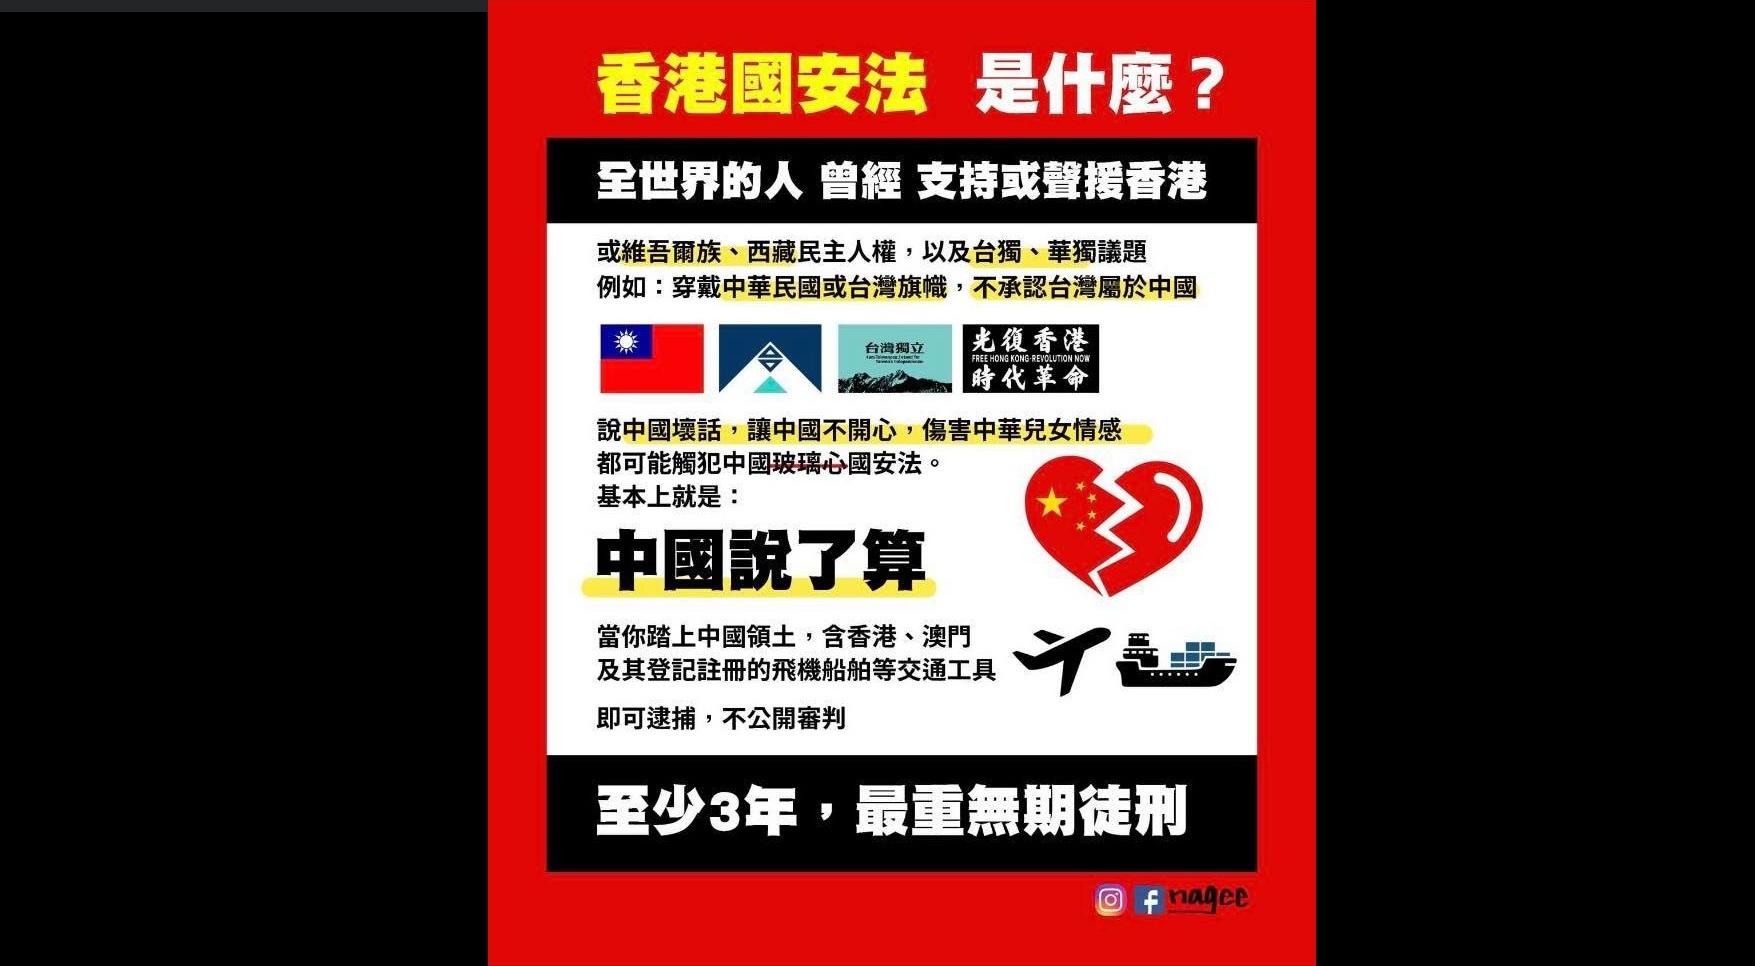 欧美二十七国联署发布声明,反对中共实行香港《国安法》